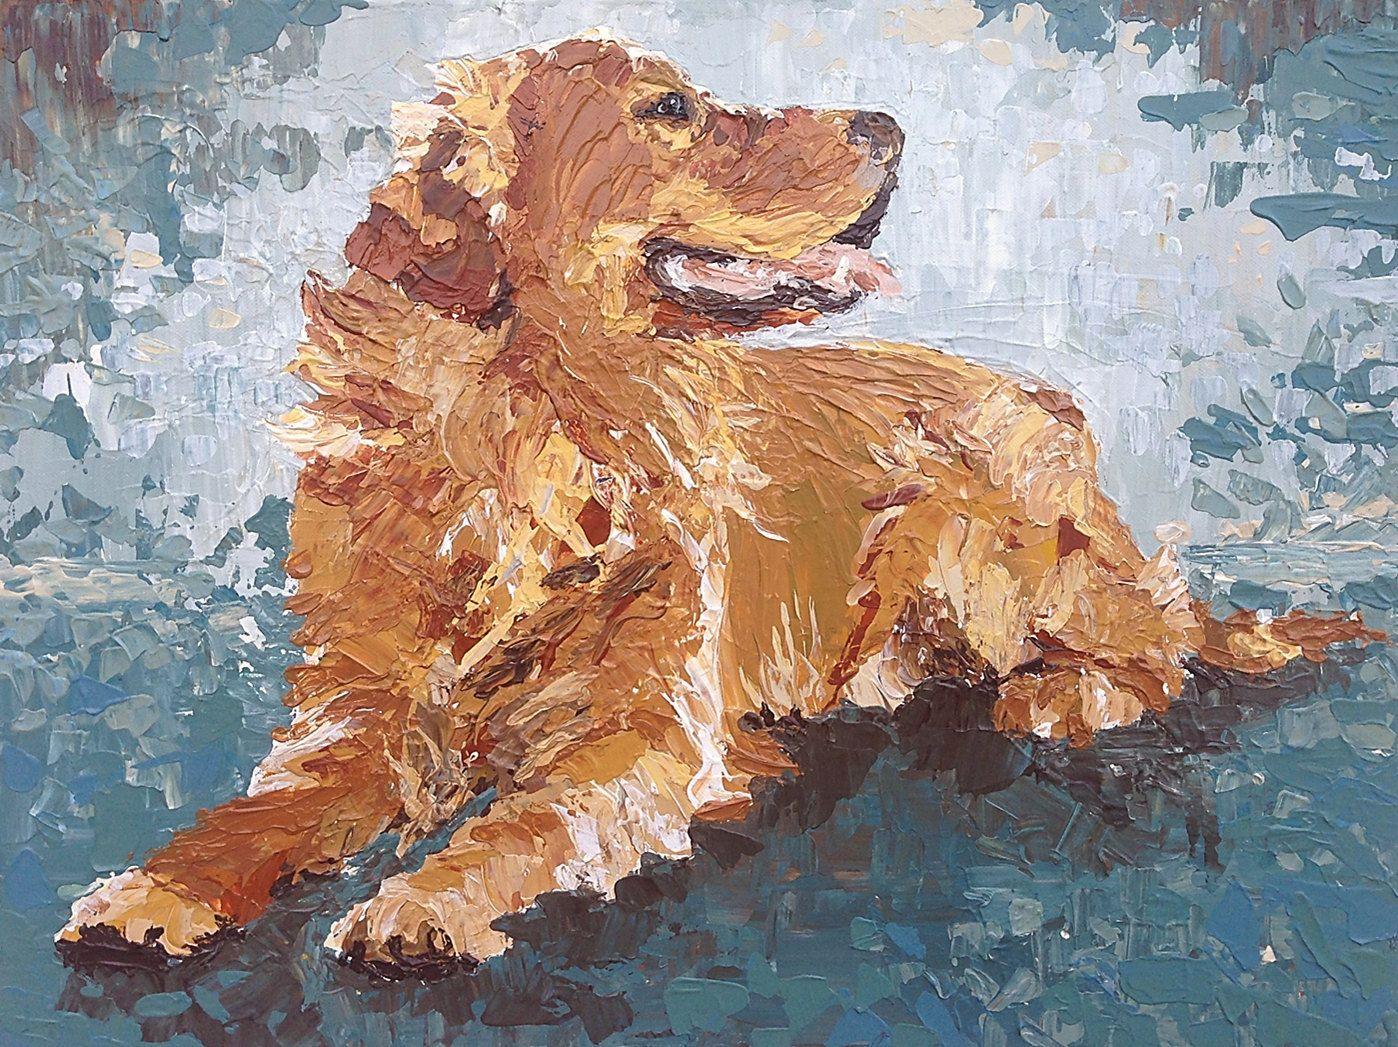 Golden Retriever Artwork 24x18 Original Painting Modern Abstract